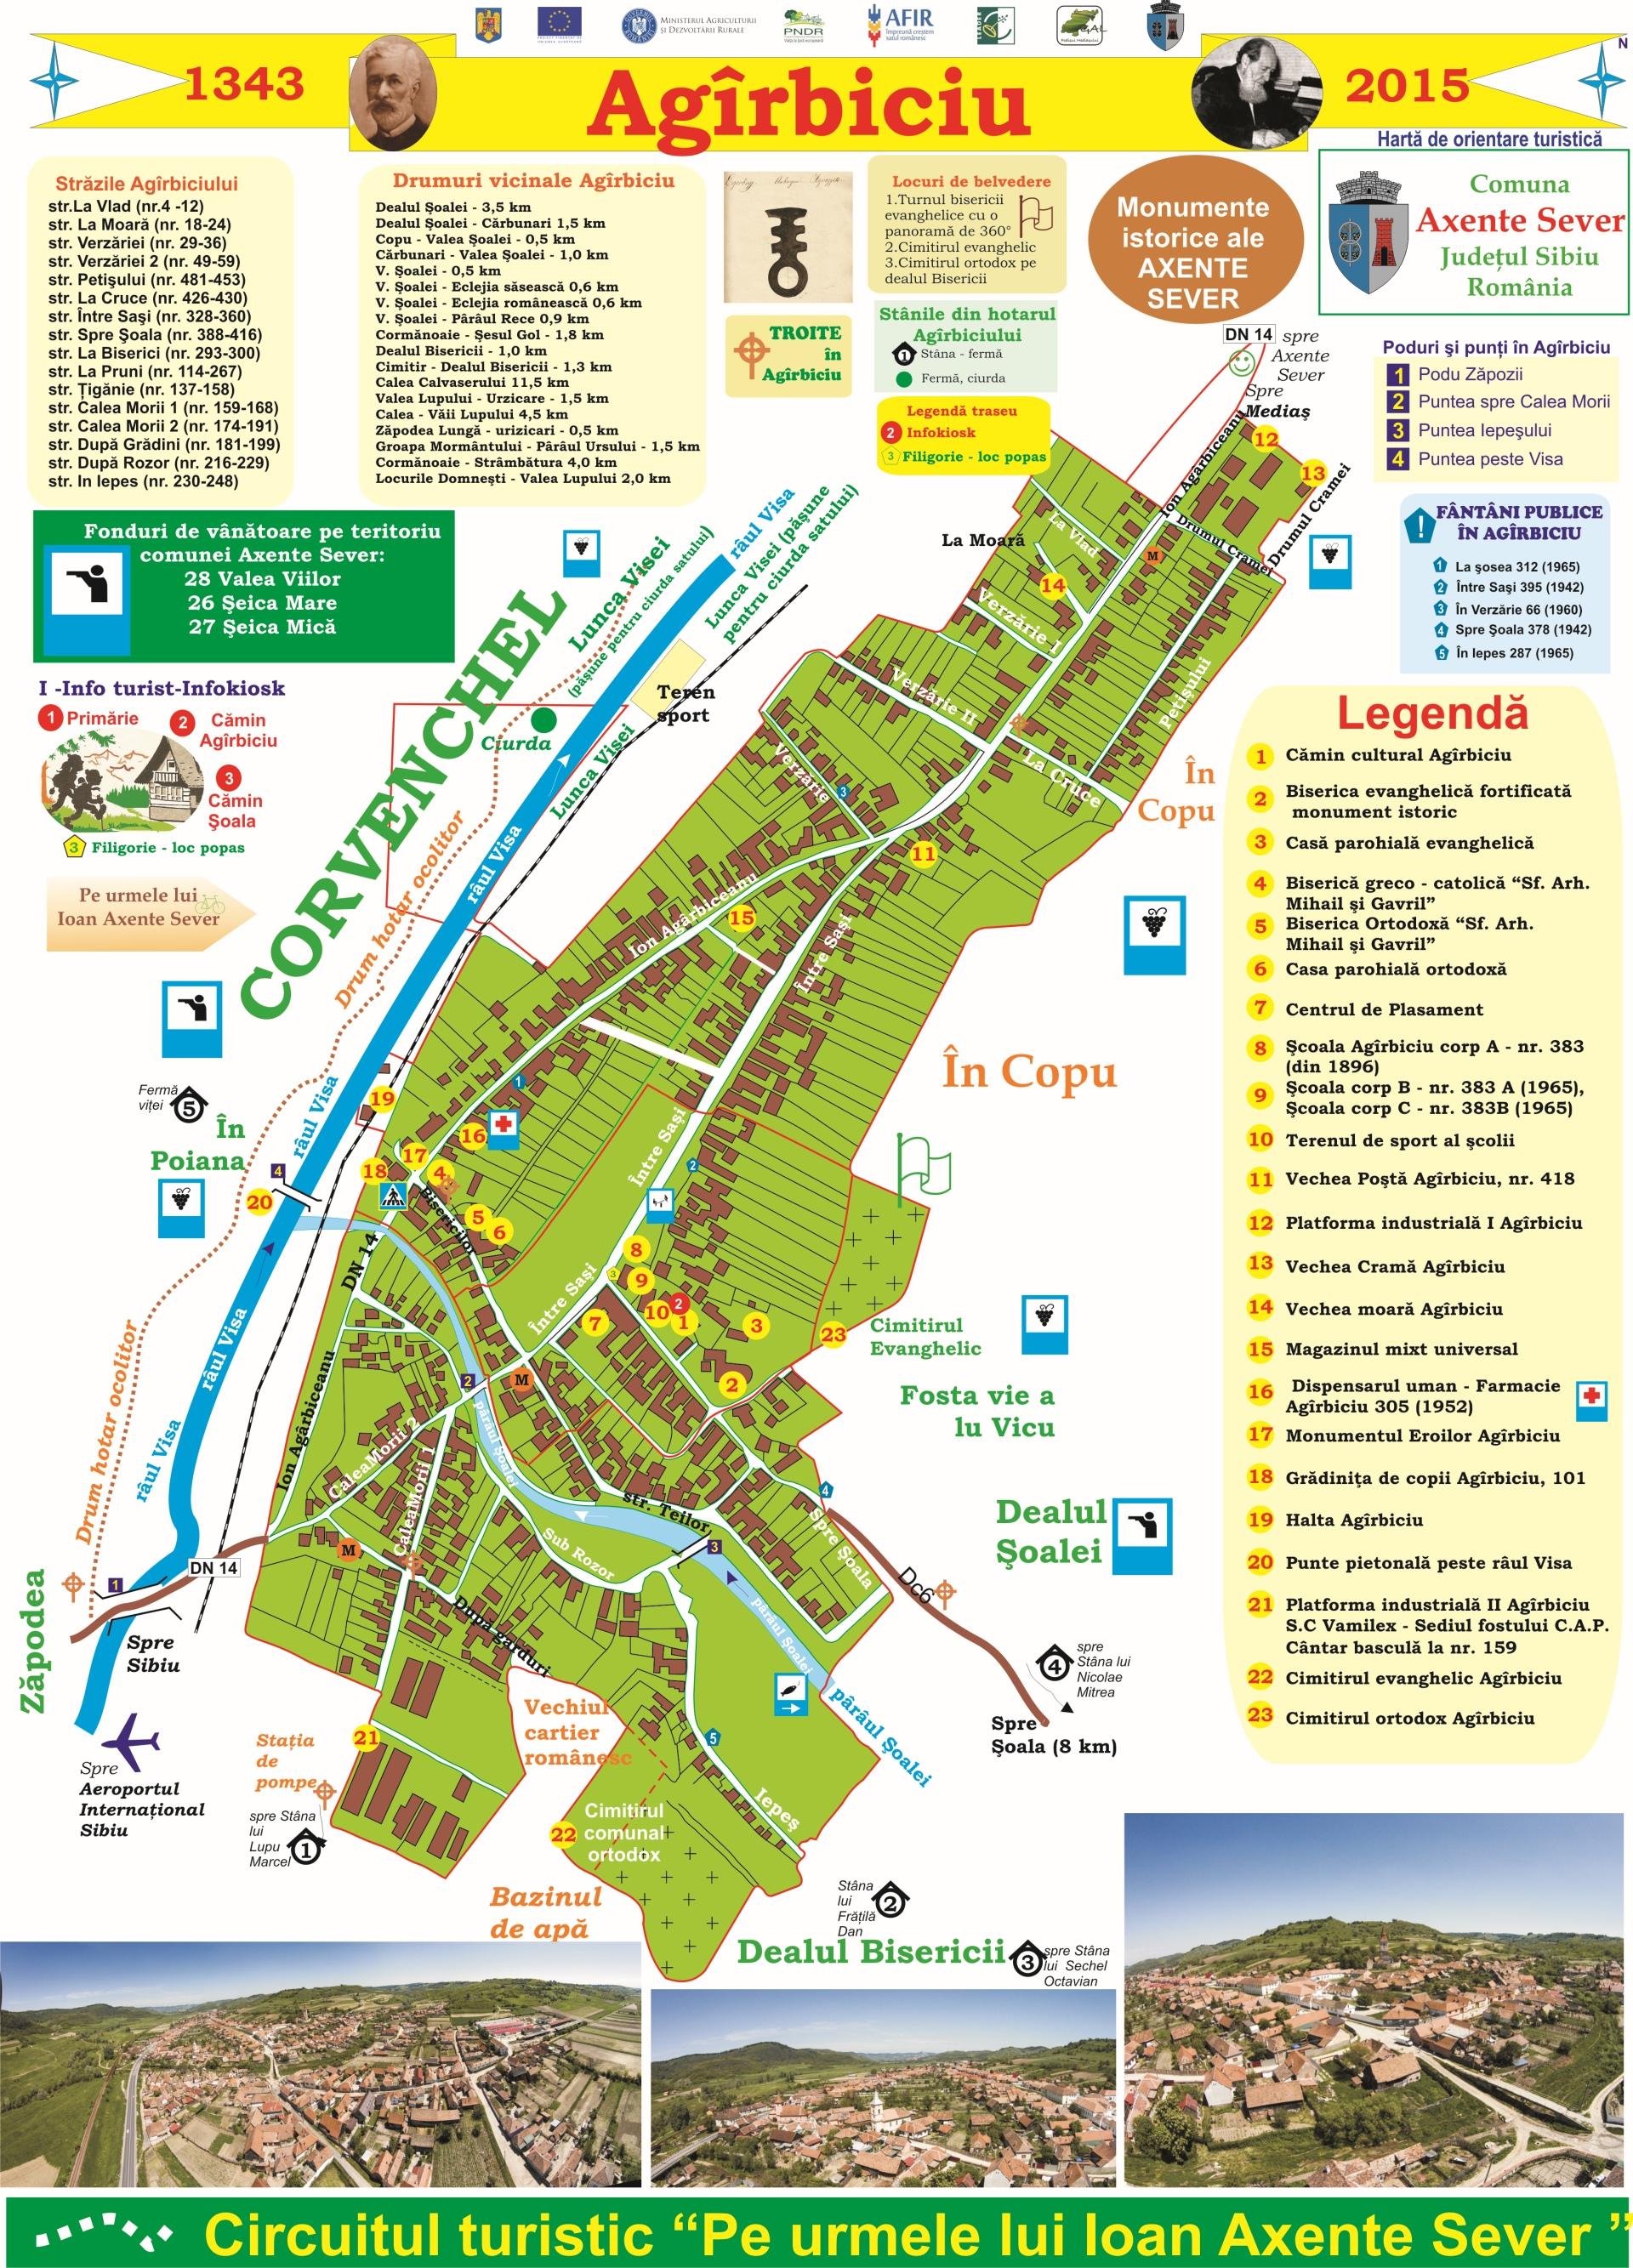 Harta Agirbiciu 15072015